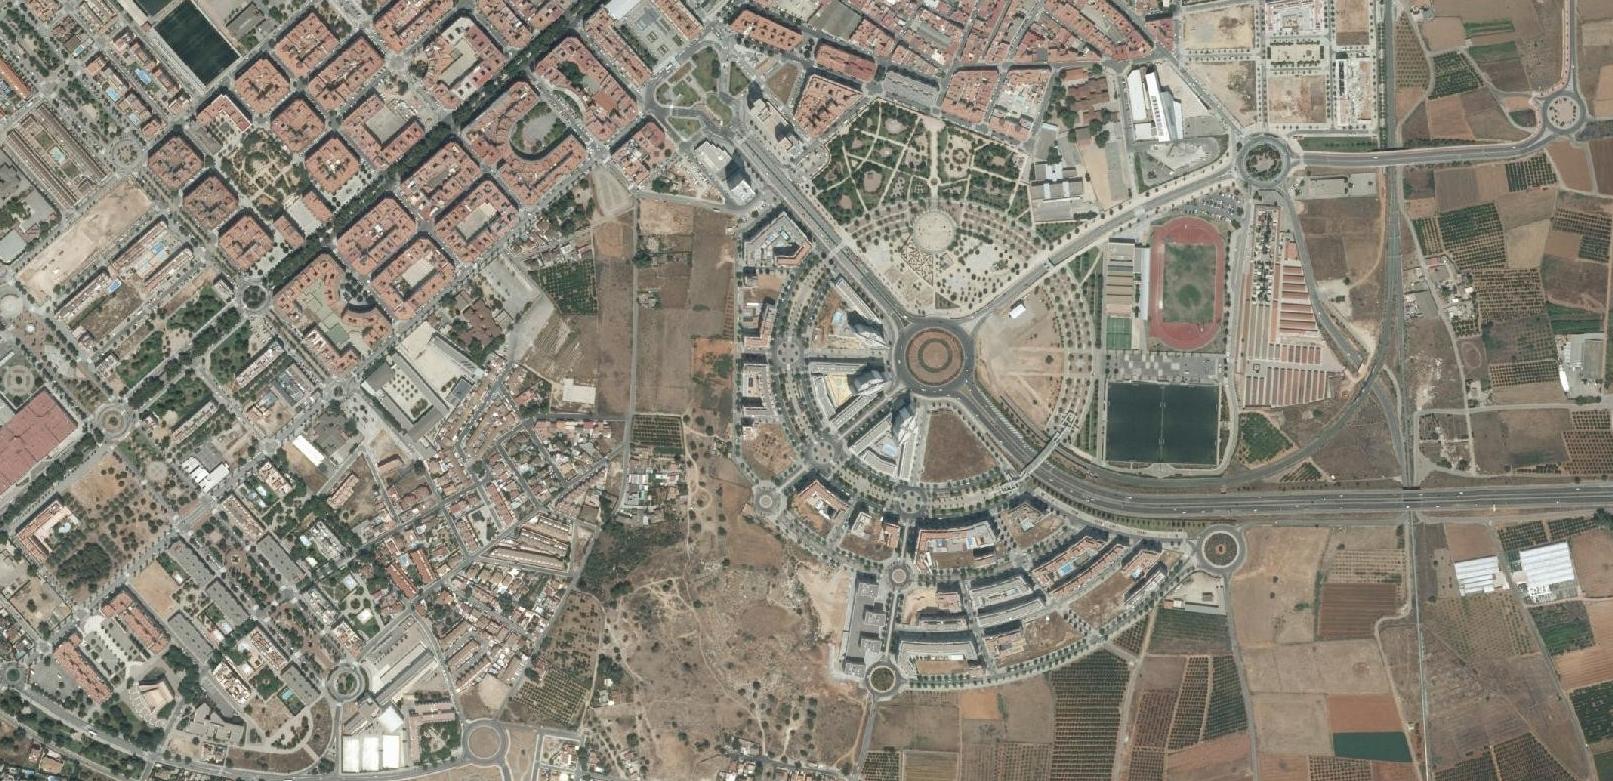 torrent, valencia, ha decaído, urbanismo, planeamiento, urbano, desastre, urbanístico, construcción, rotondas, carretera